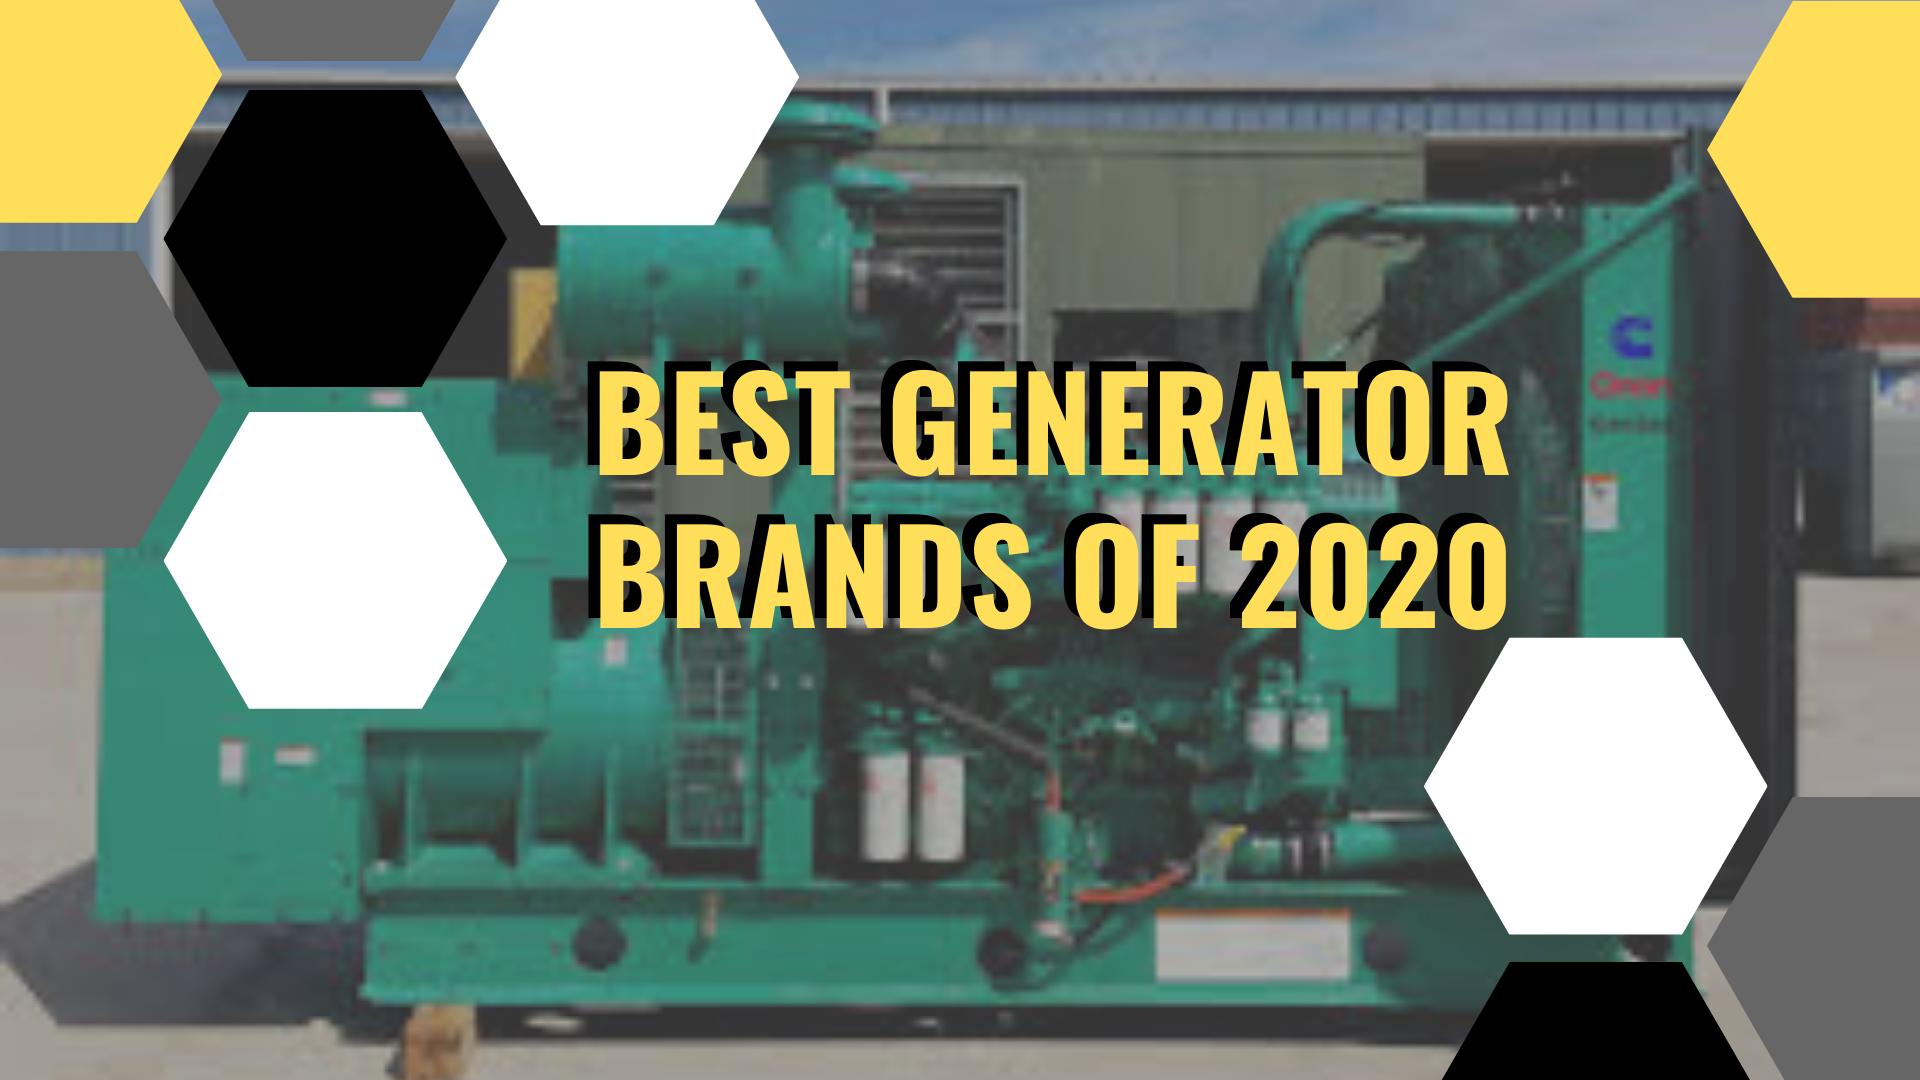 best generator brands 2020